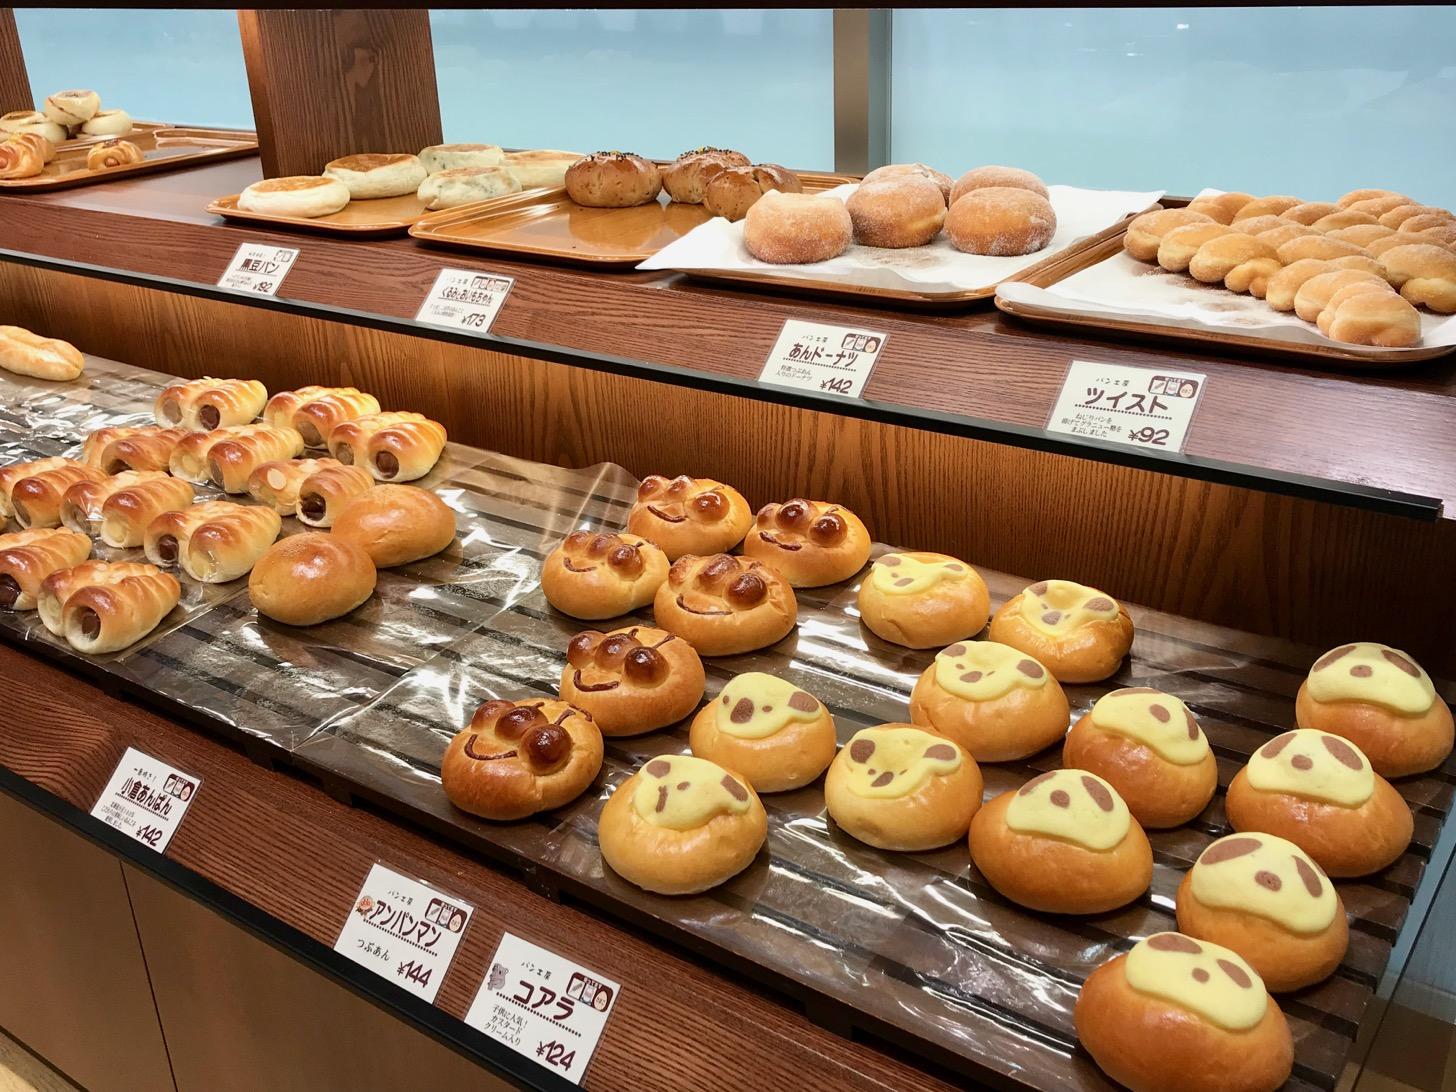 菓子パンや惣菜パン、クロワッサンなどなど様々な焼き立てパン